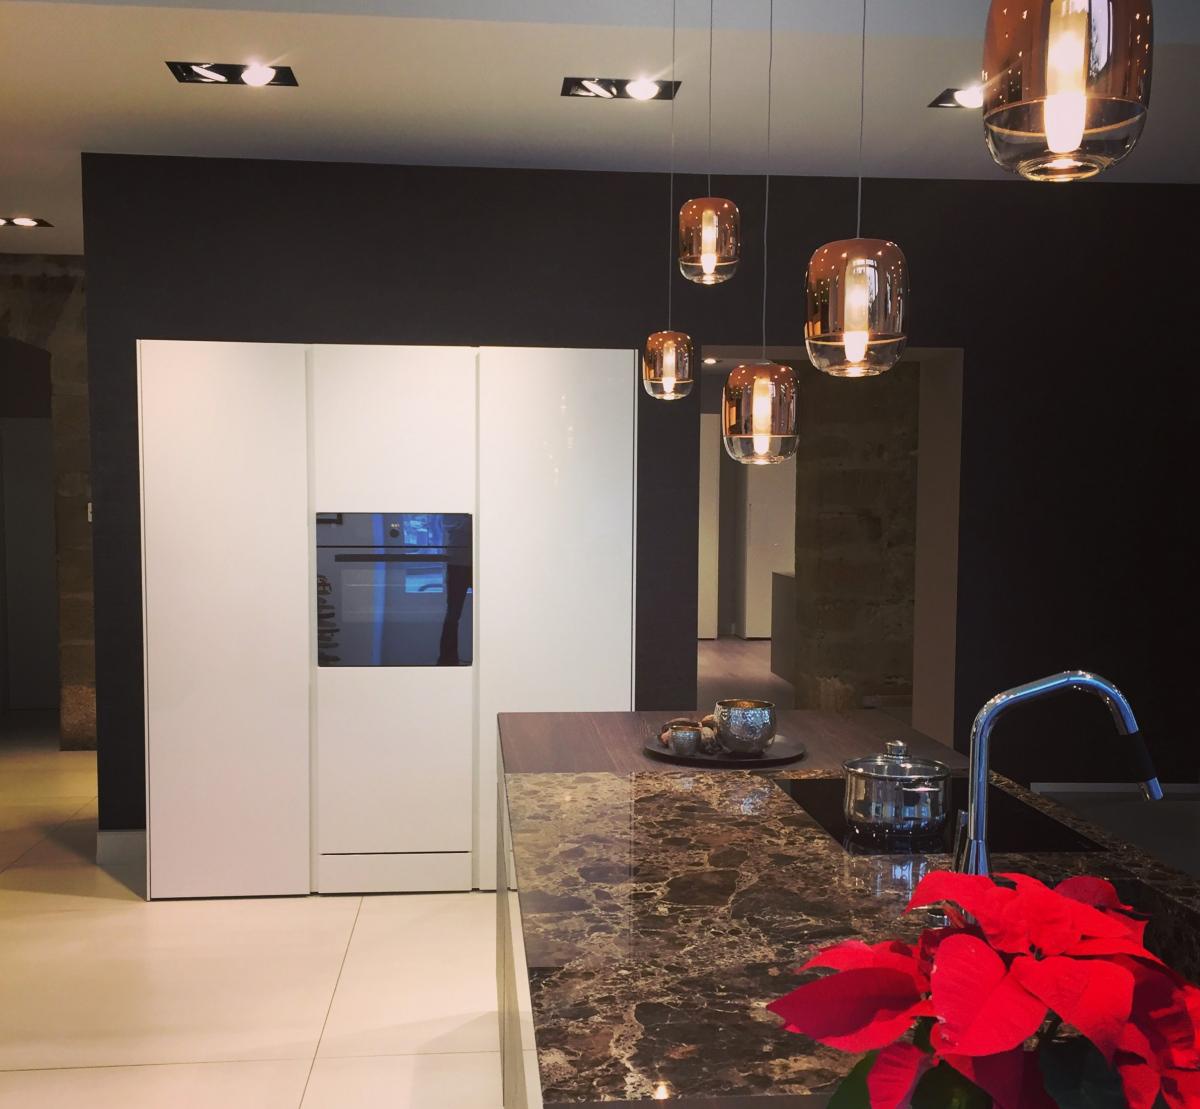 Möbelgeschäft Schweiz Projekte Prandina Srl